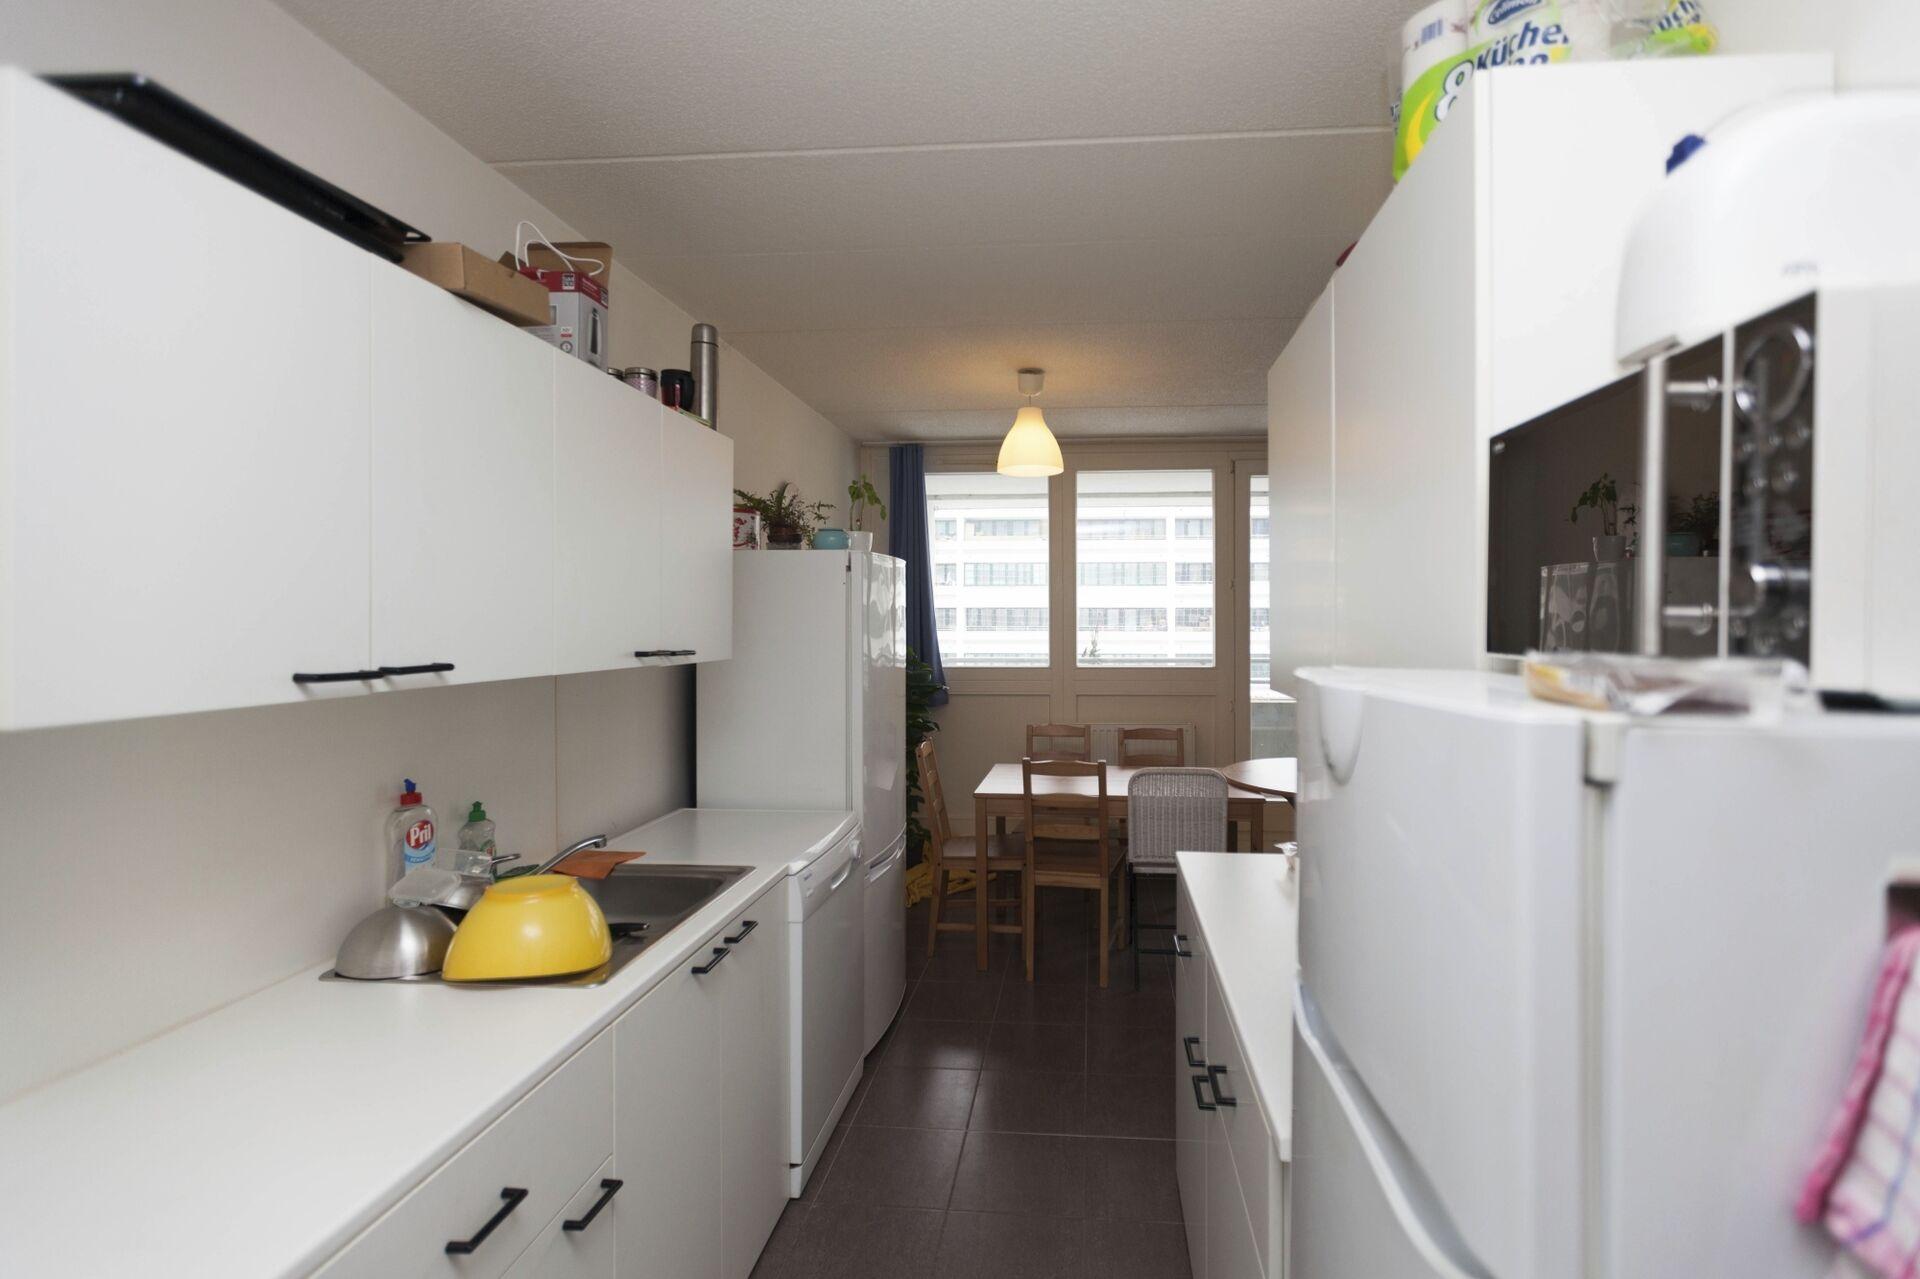 Wunderbar Obdach Küche Und Bar Fotos - Ideen Für Die Küche ...